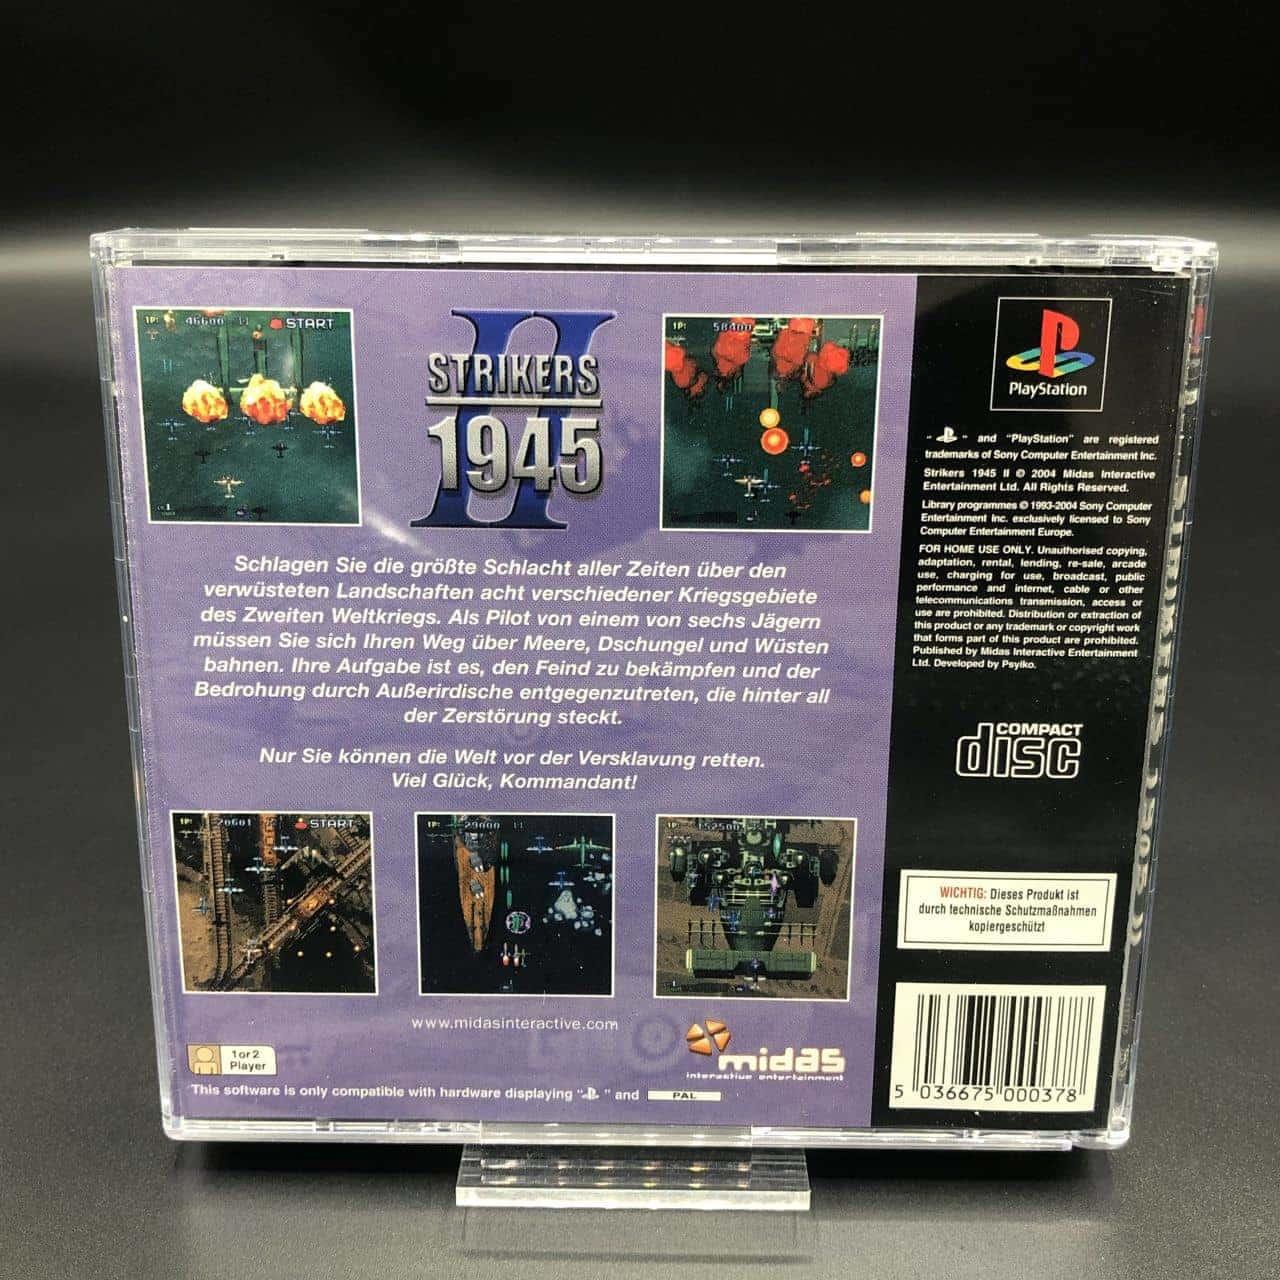 PS1 Strikers 1945 II (Komplett) (Gebrauchsspuren) Sony PlayStation 1